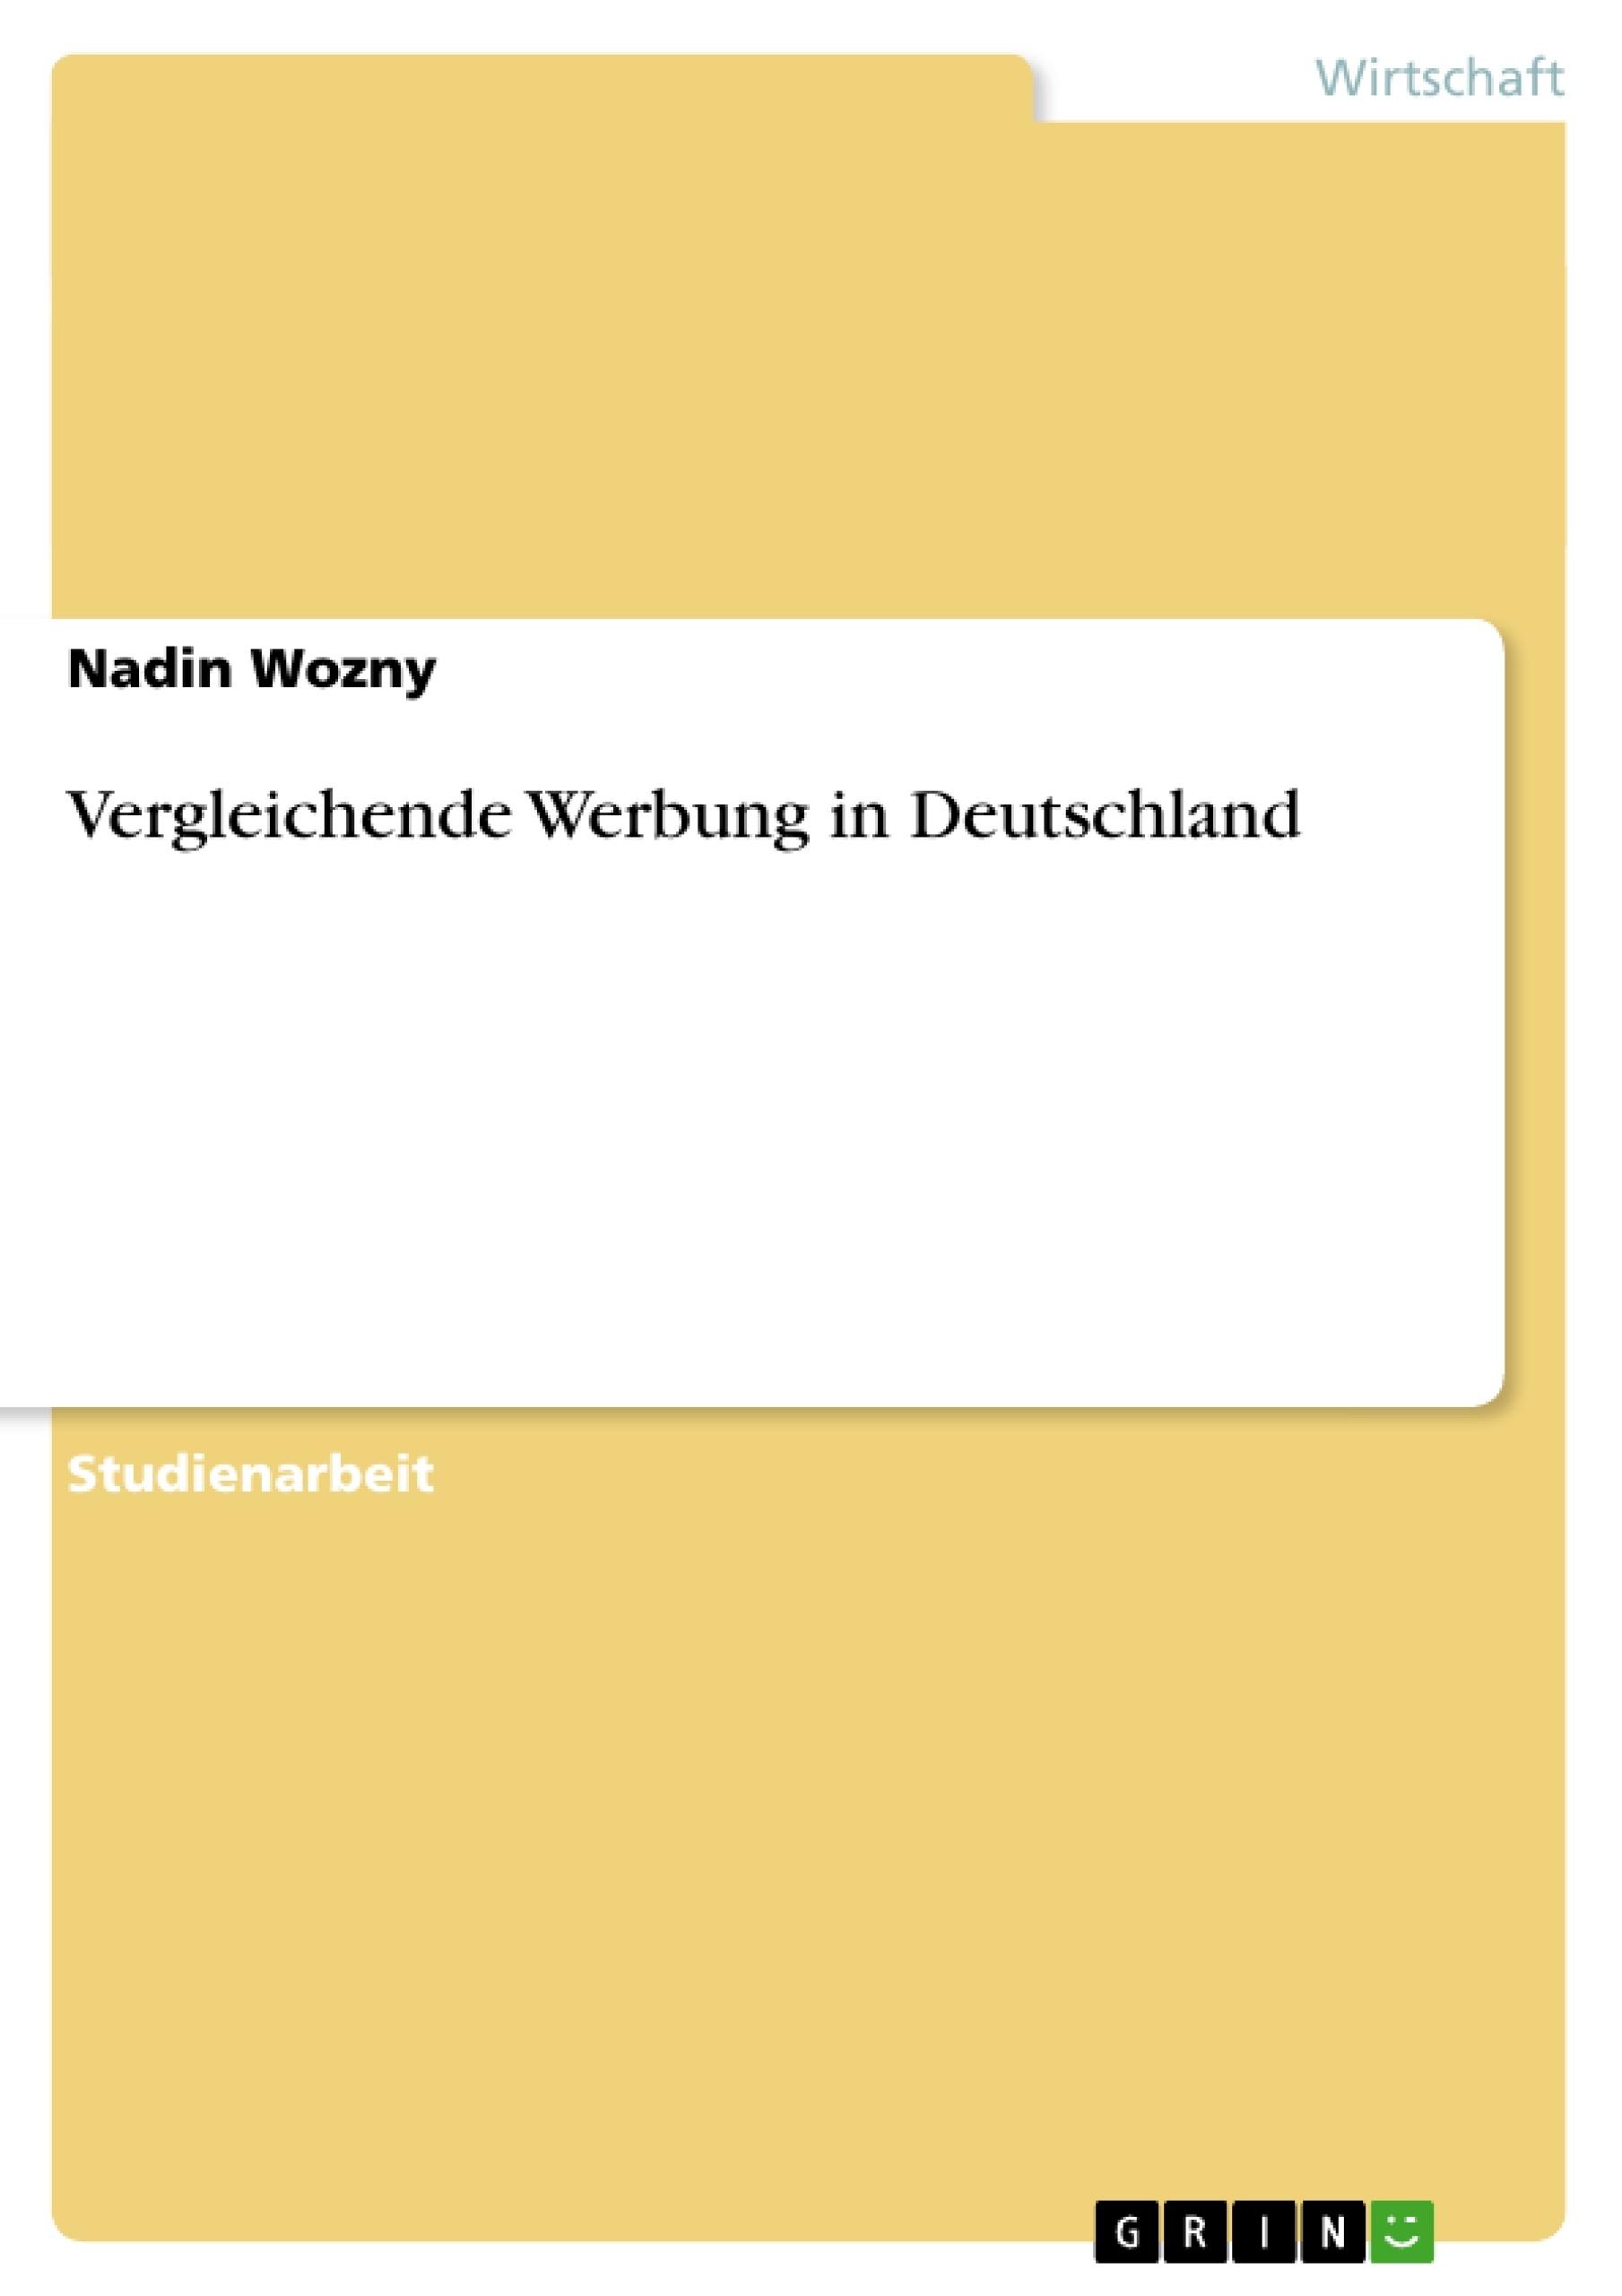 Titel: Vergleichende Werbung in Deutschland